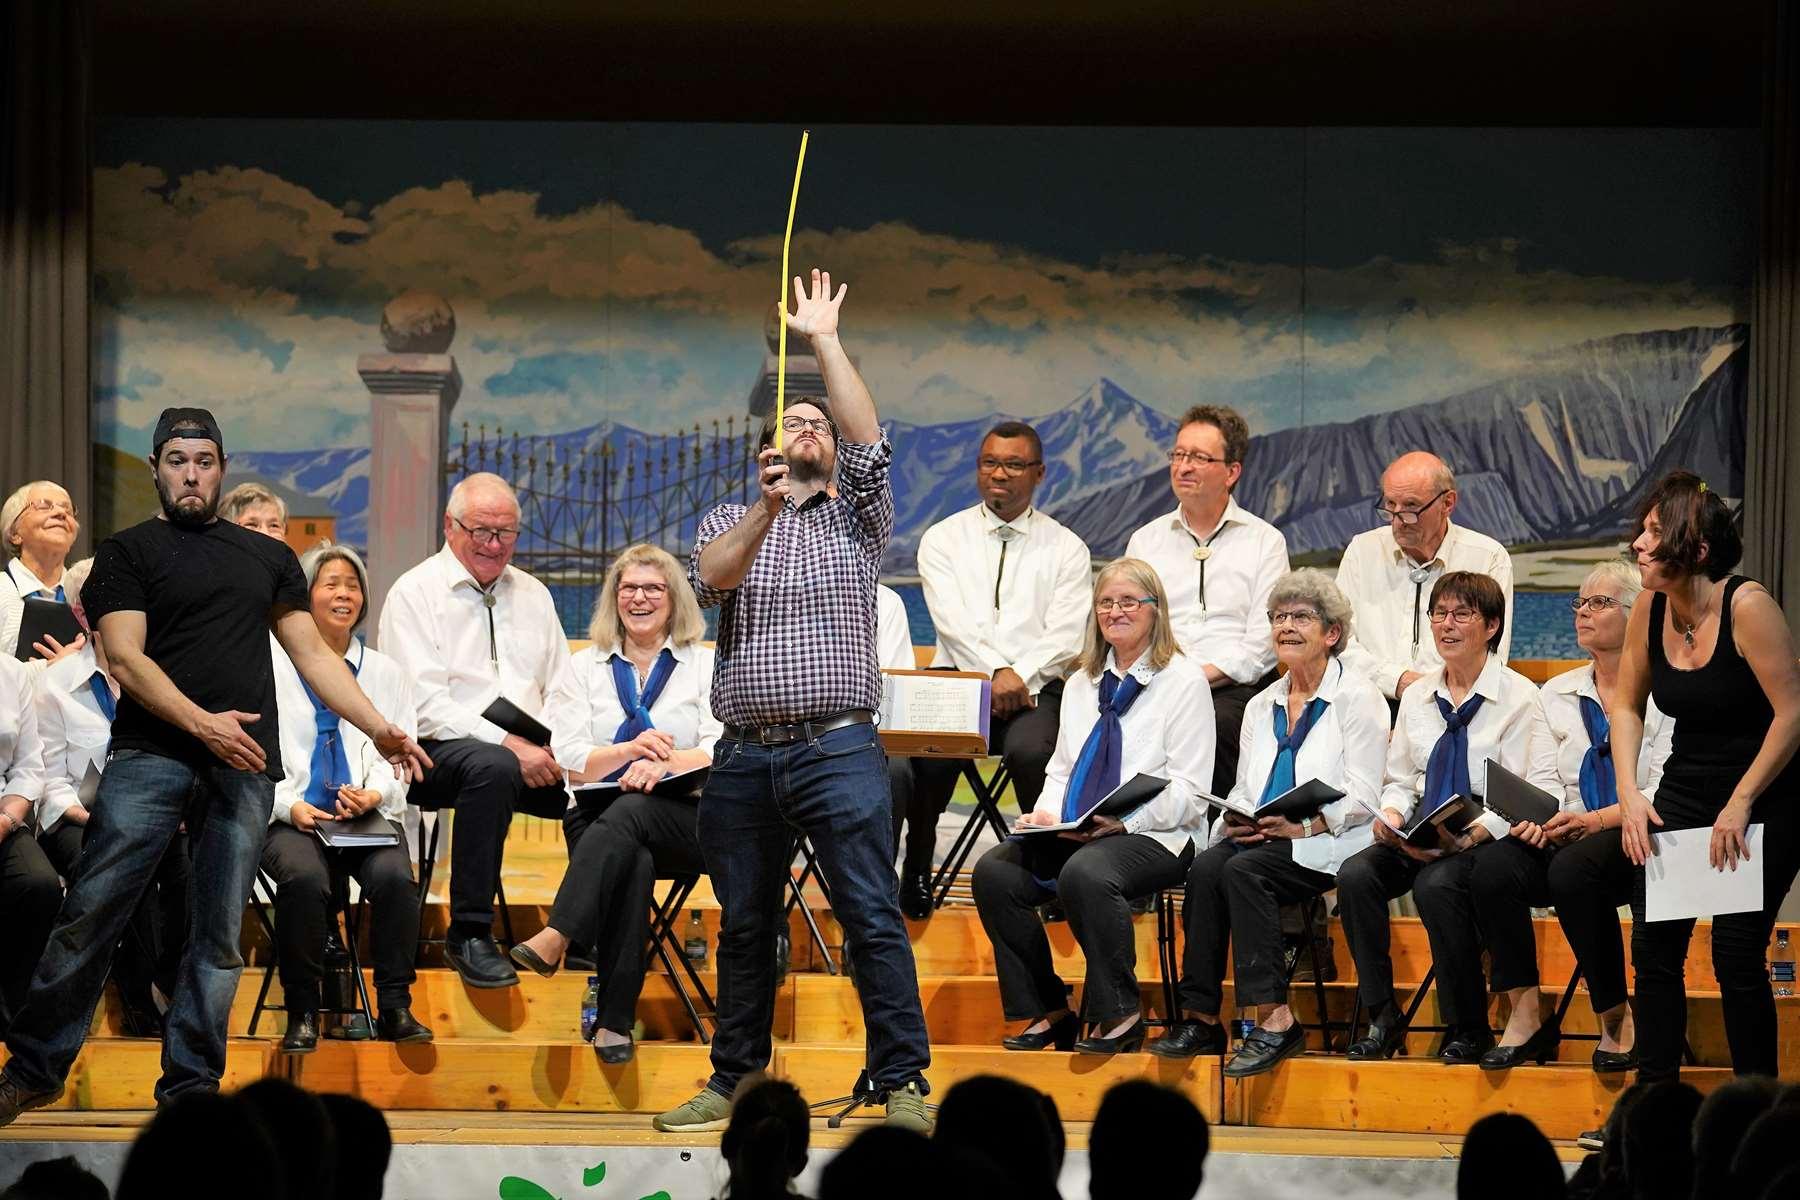 Soirée du chœur mixte La Mélodie de Brichy – La Paysanne